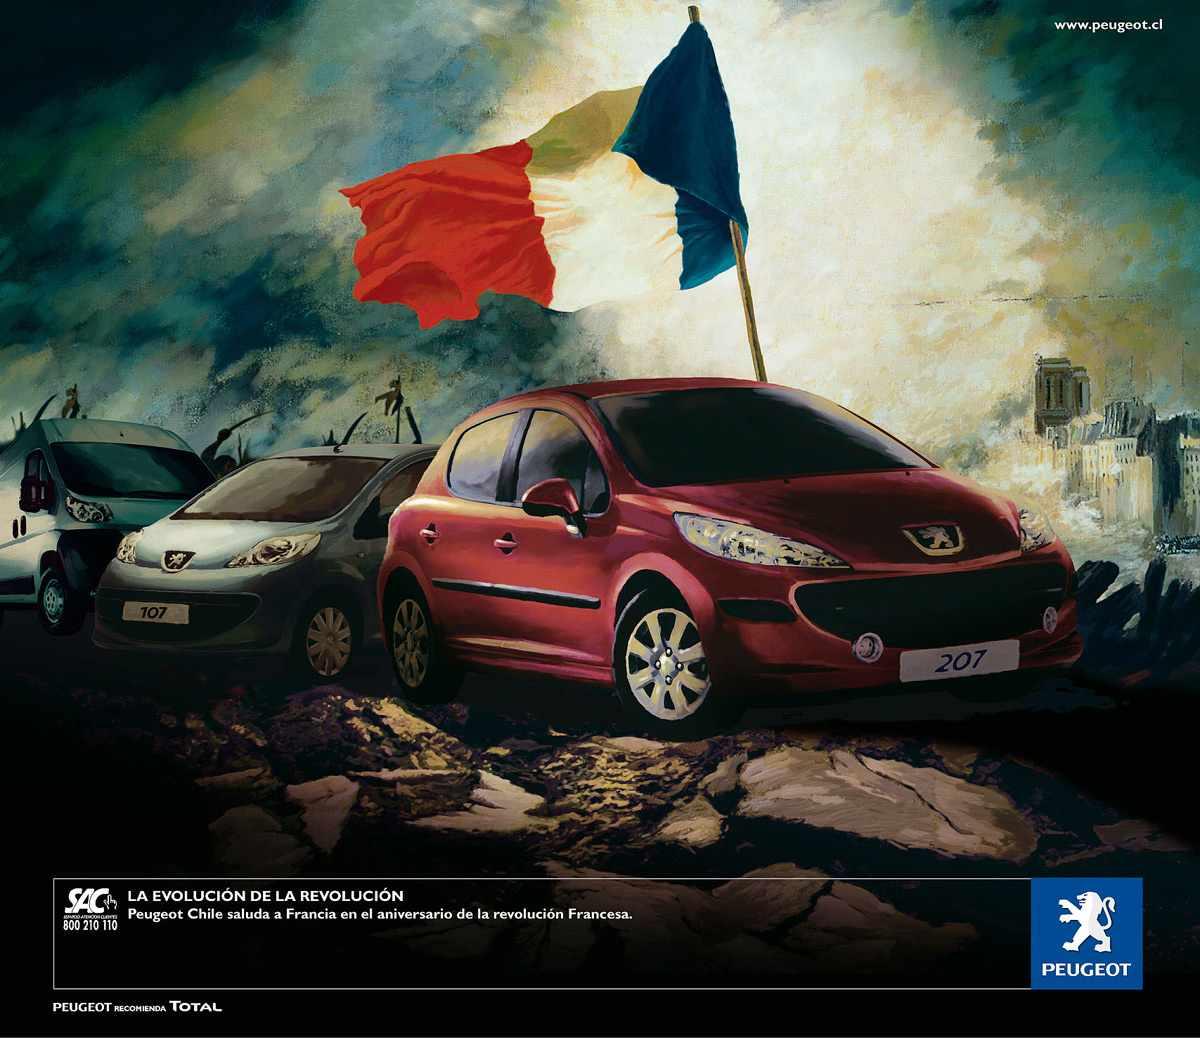 Aviso-Saludo-a-Francia